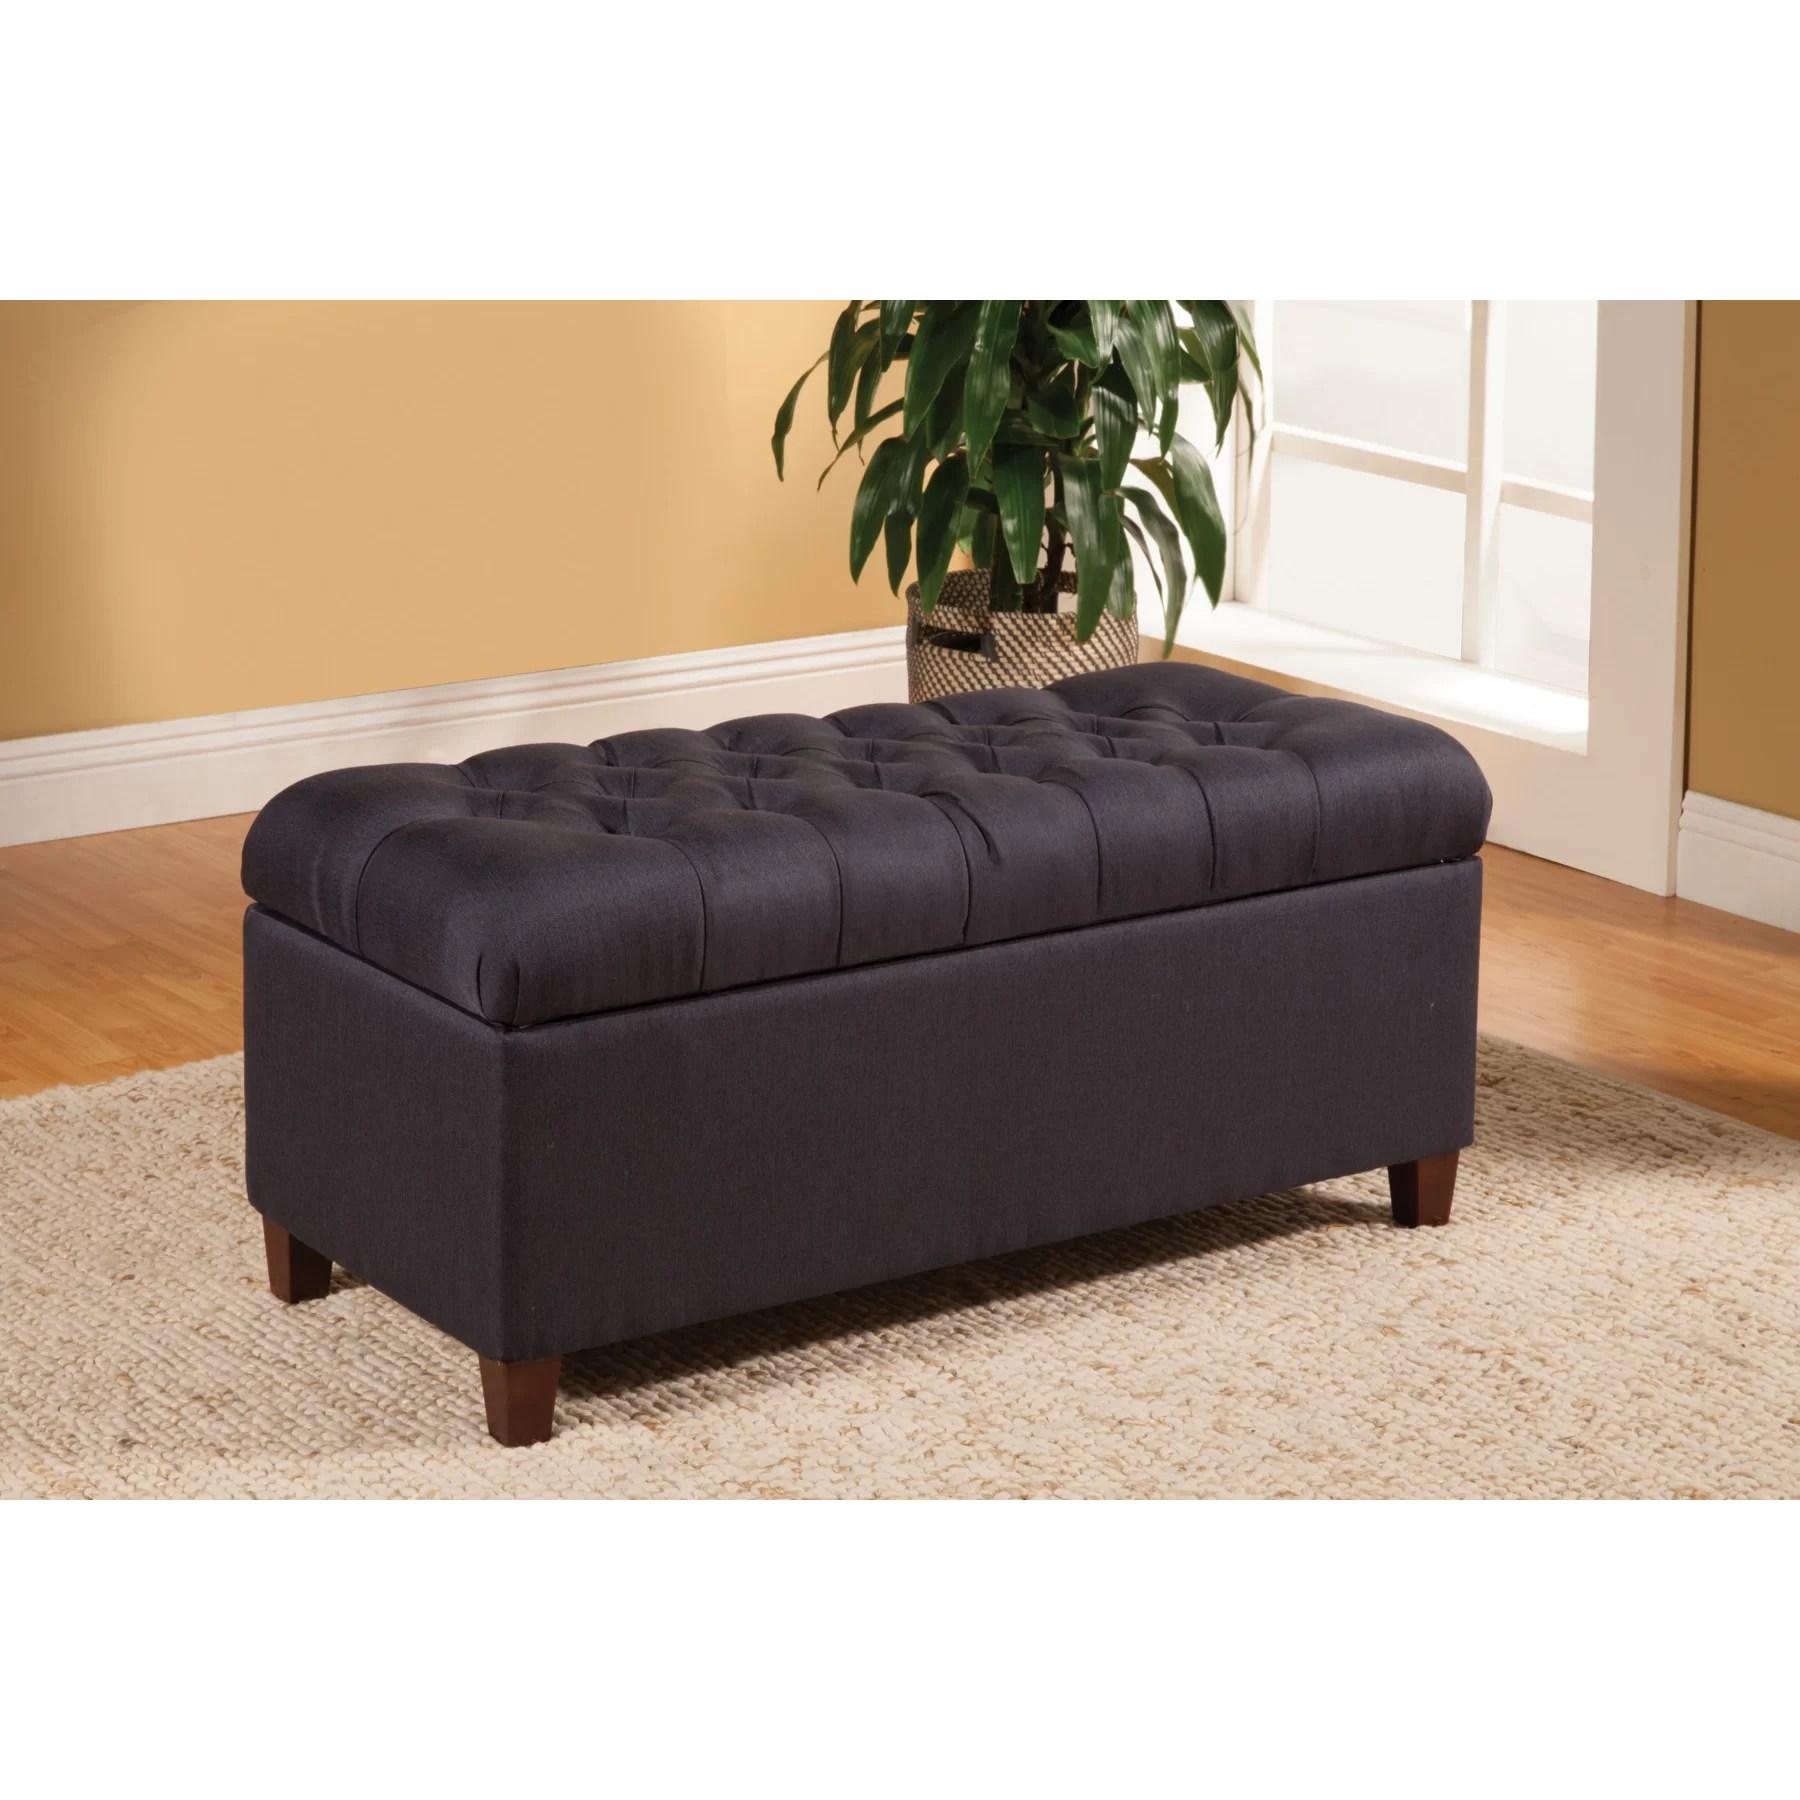 Alcott Hill Henderson Upholstered Storage Bedroom Bench